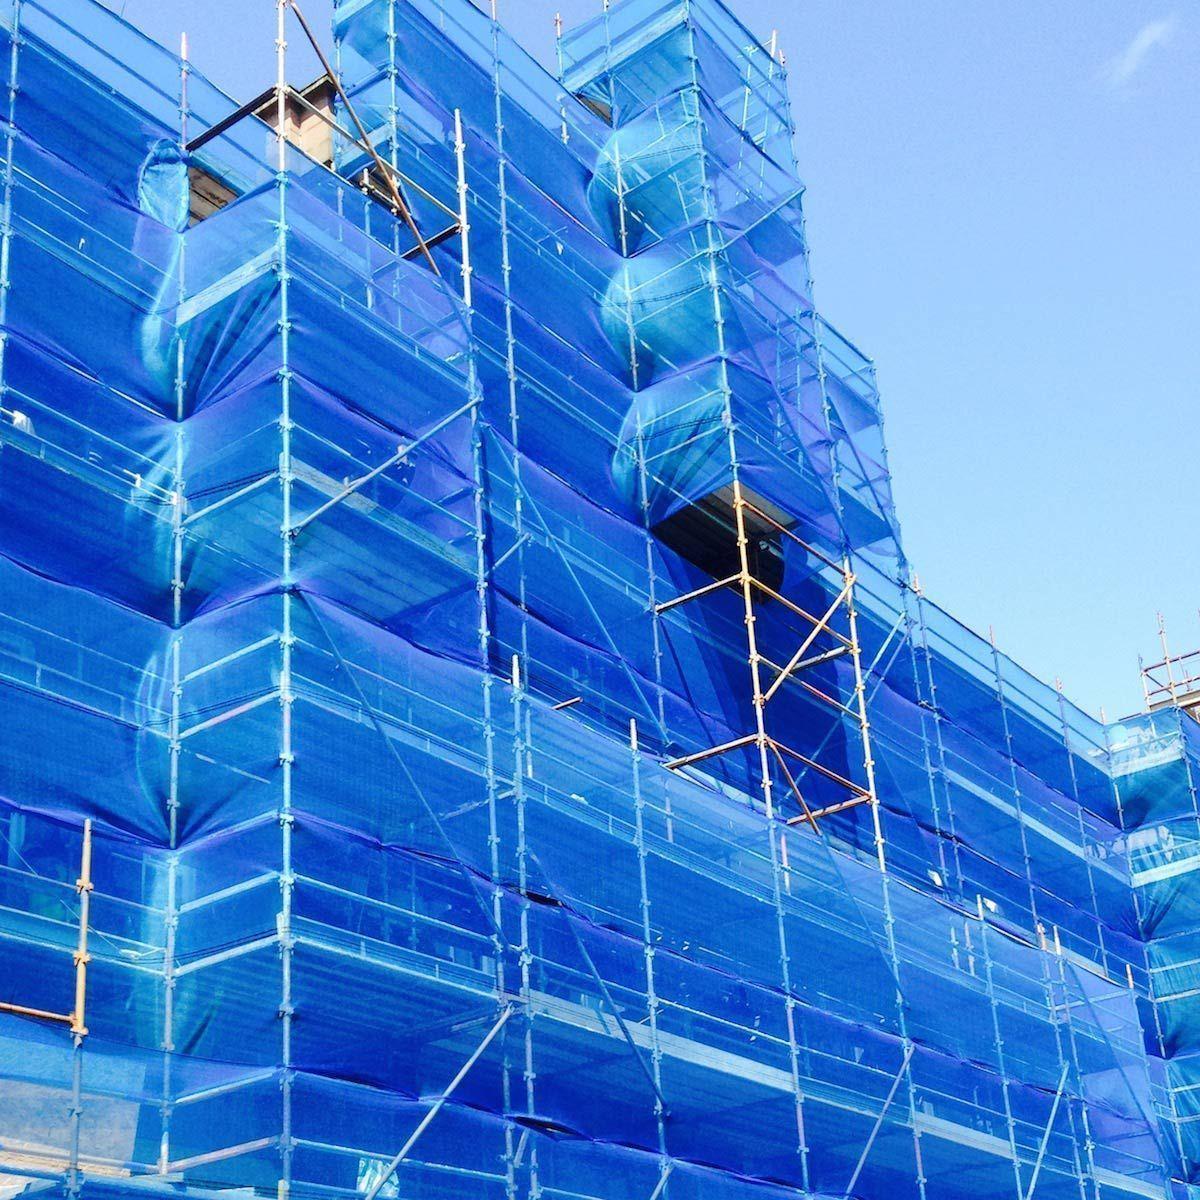 Debris Net Blue